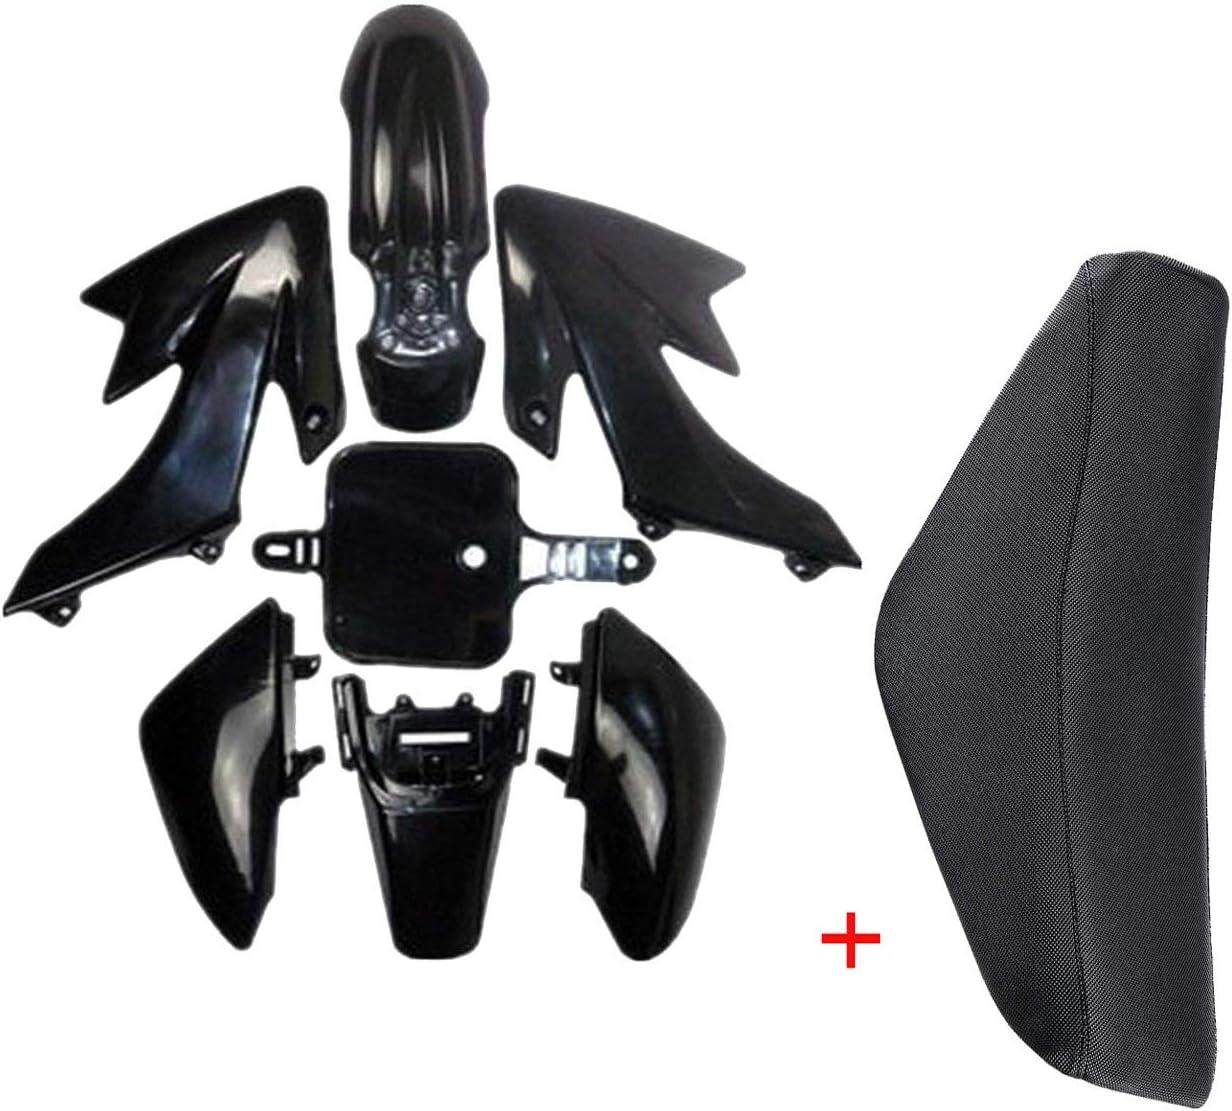 Black /& White Fender Kit Decal Sticker Foam Seat For Motorcross CRF50 Honda